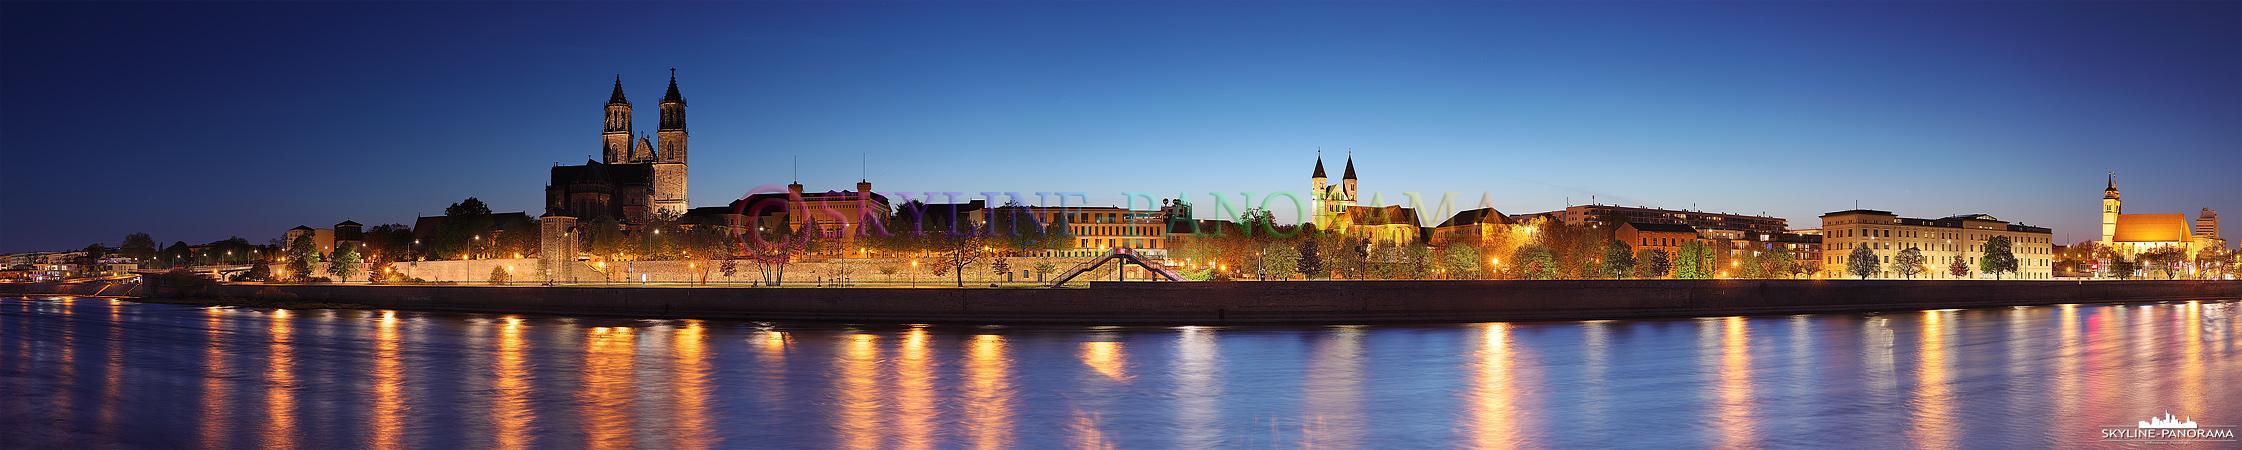 Panorama Magdeburg - Die abendliche Stadtansicht der Landeshauptstadt Magdeburg, das Panorama entstand am Elbufer zwischen der Hubbrücke und der Neuen Strombrücke.